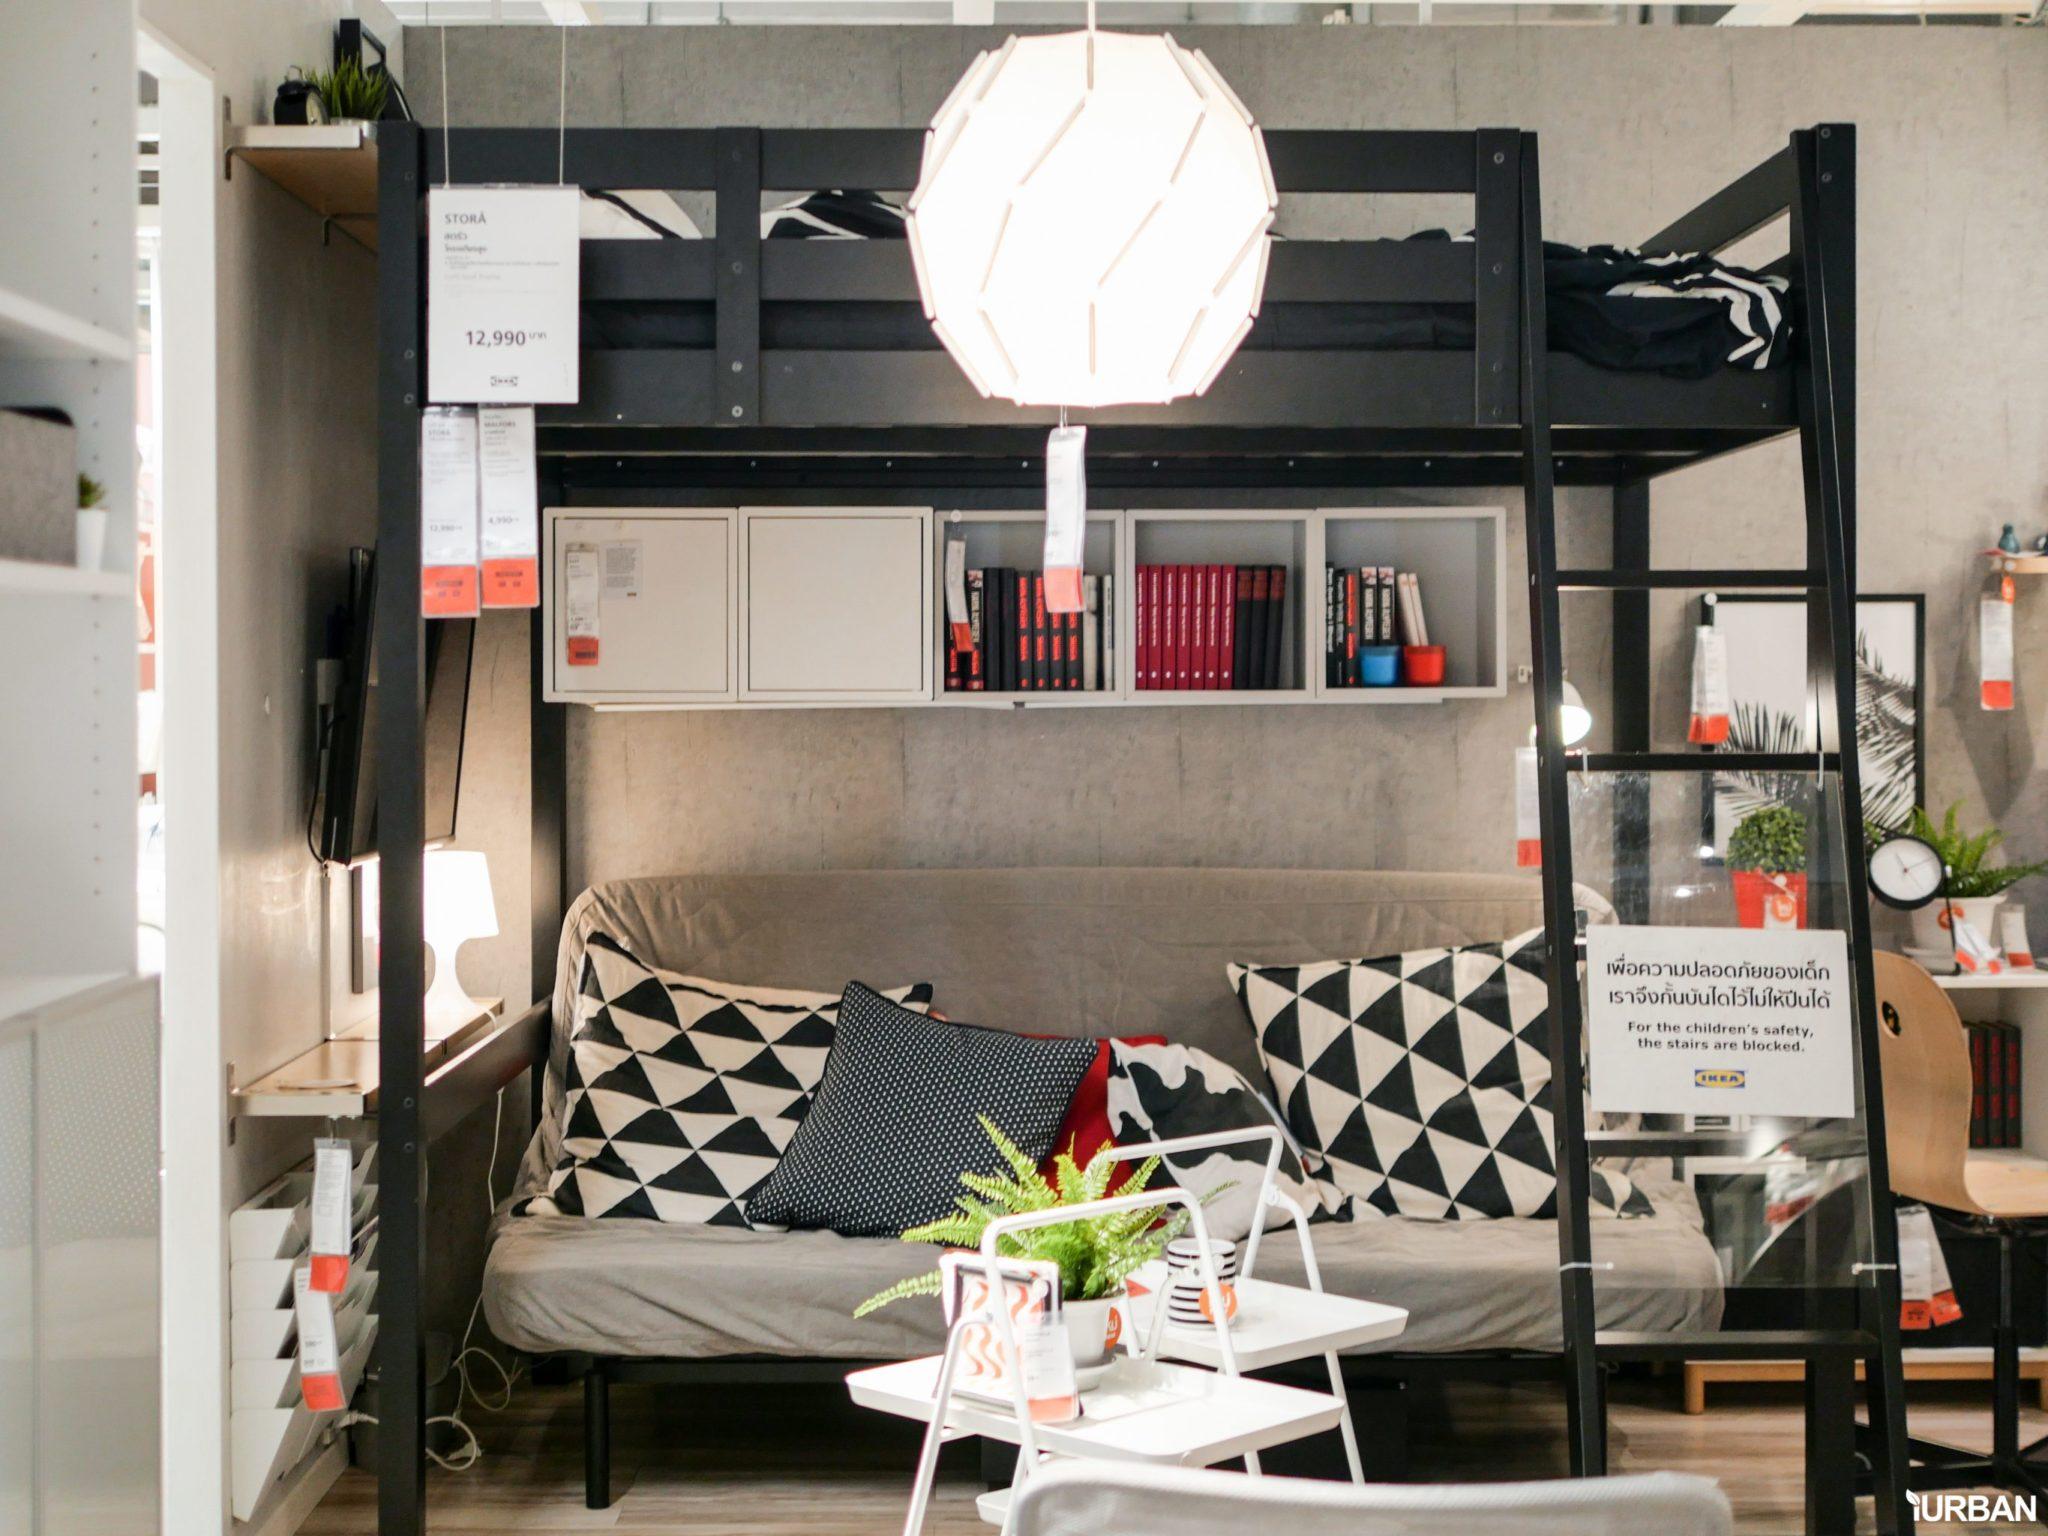 """9 วิธีจัดห้องเก่าให้เหมือนใหม่ ลอกวิธีจัดห้องในพื้นที่เล็ก """"Small Space"""" แบบ IKEA 65 - Bedroom"""